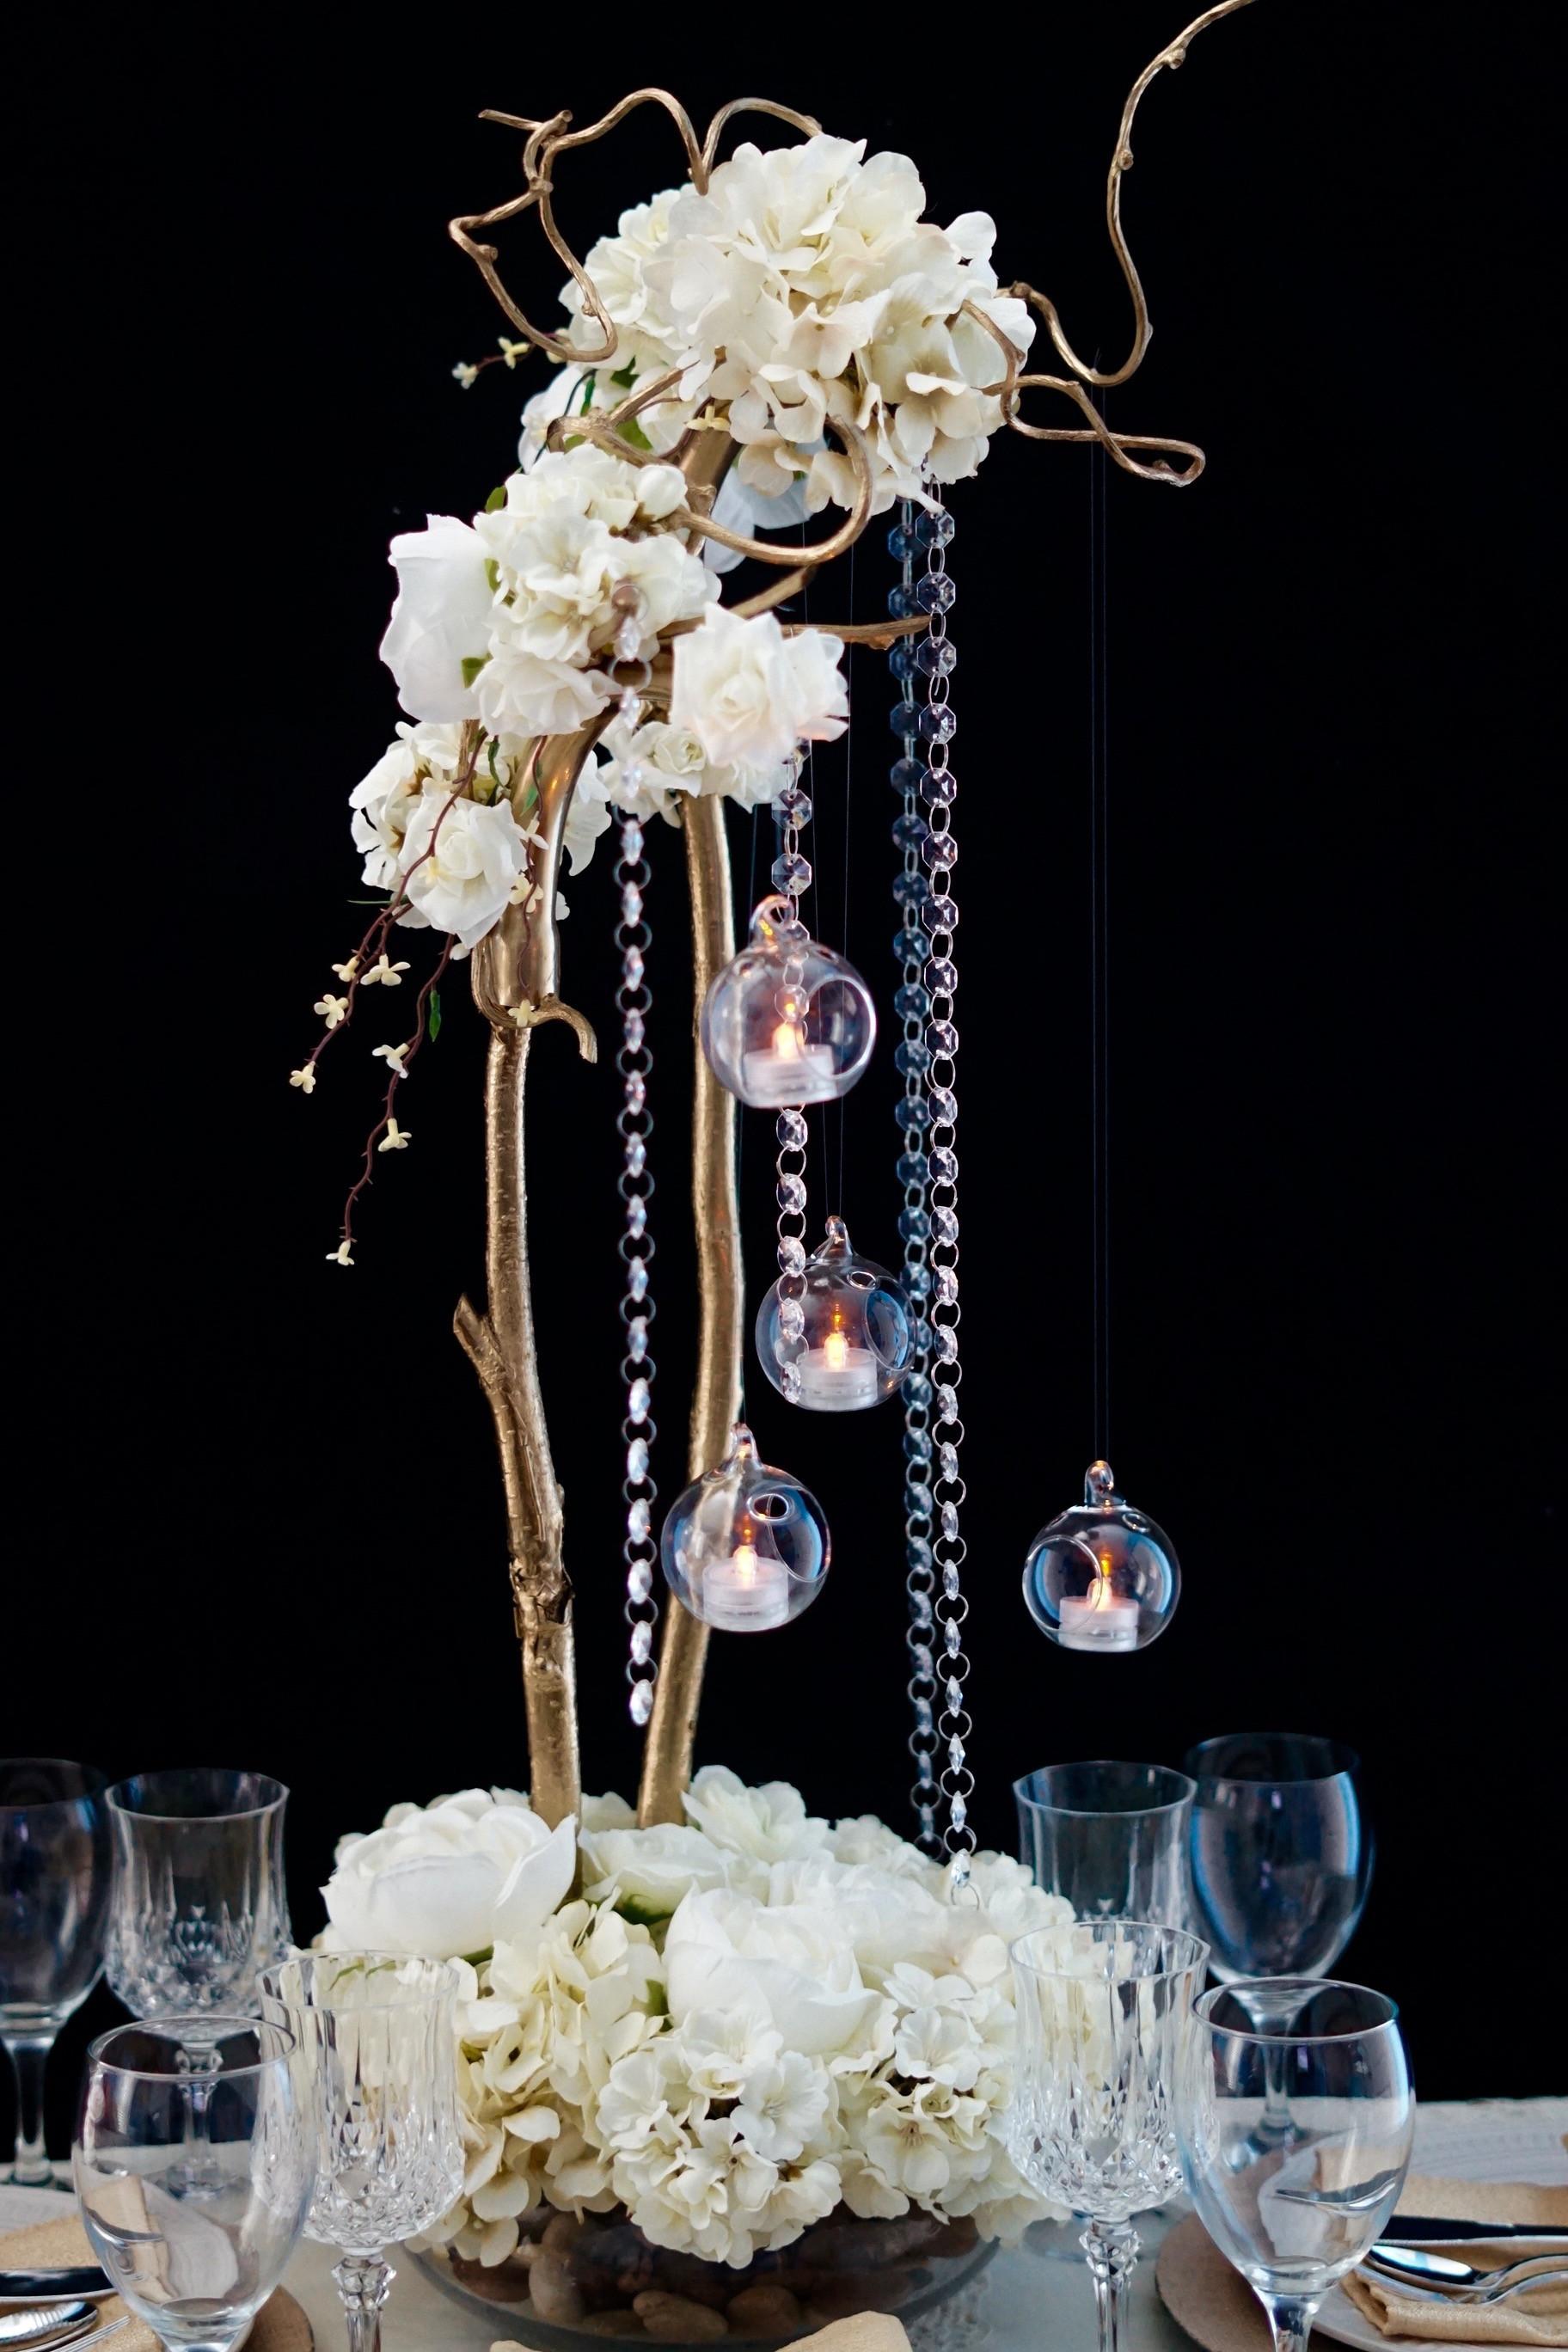 Best ideas about DIY Tall Wedding Centerpiece . Save or Pin DIY Secret Garden Tall Wedding Centerpiece Now.